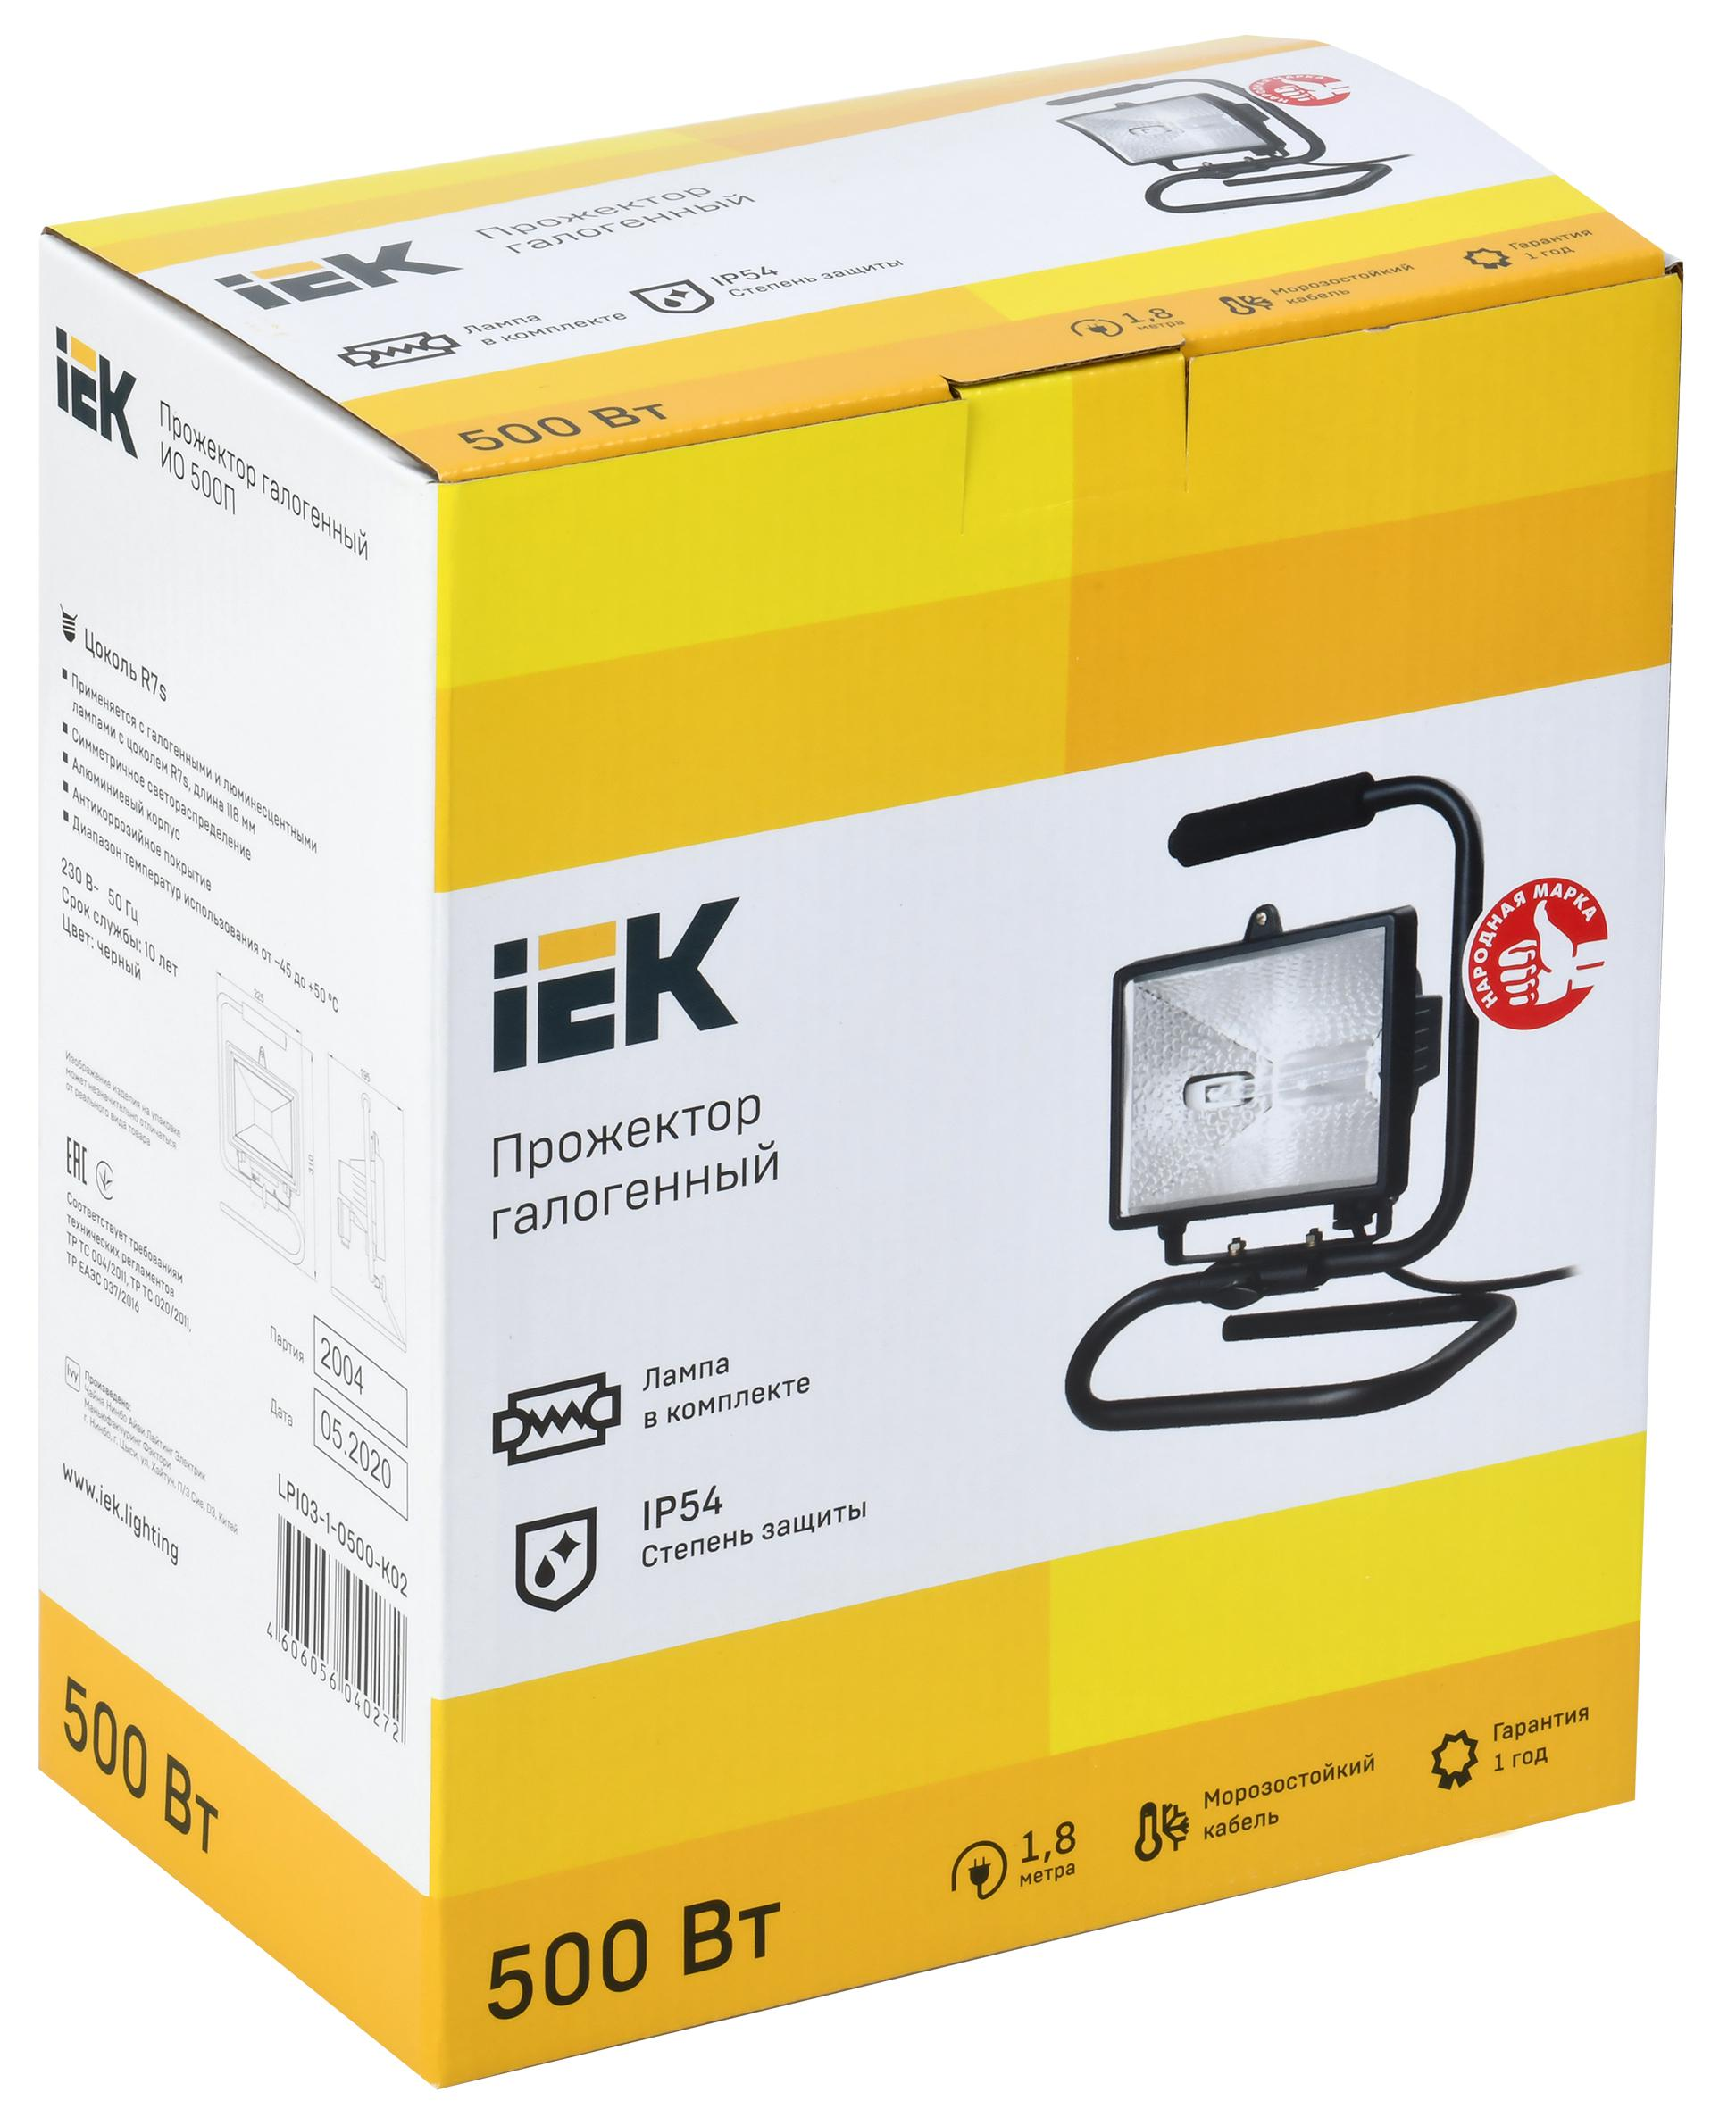 Галогенный прожектор Iek ИО -500П